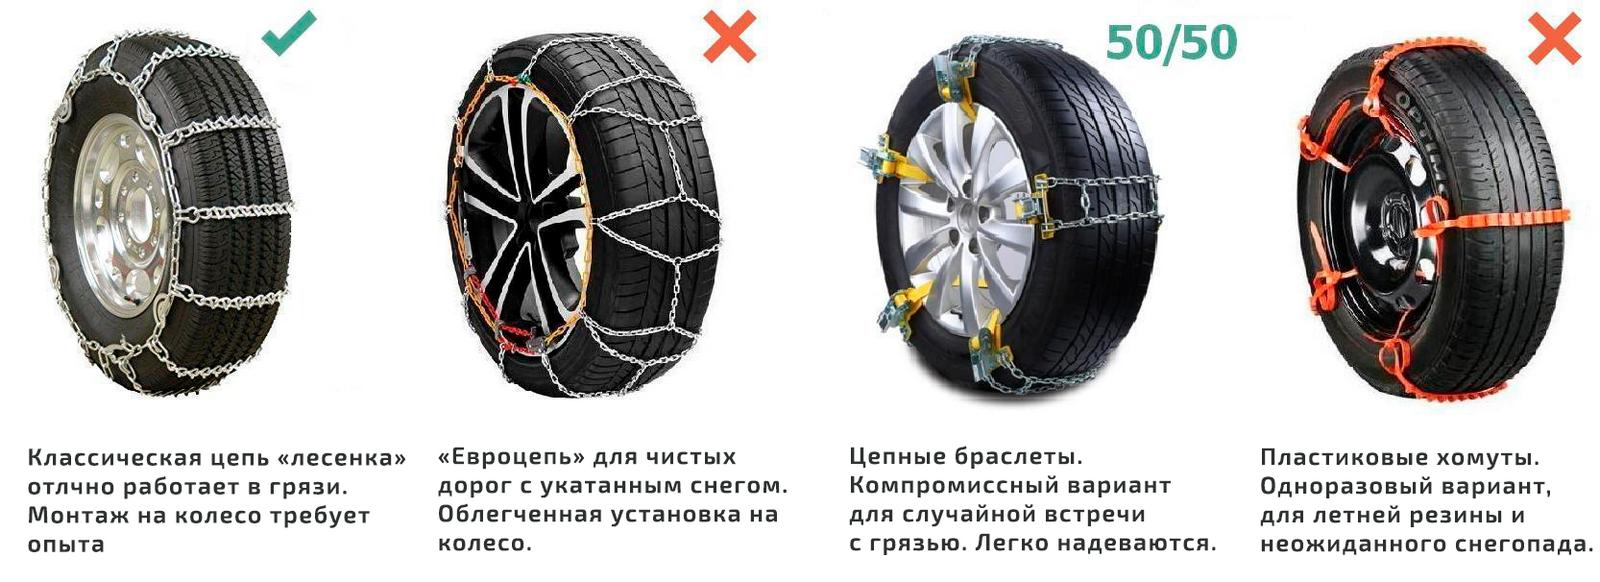 цепы для колес